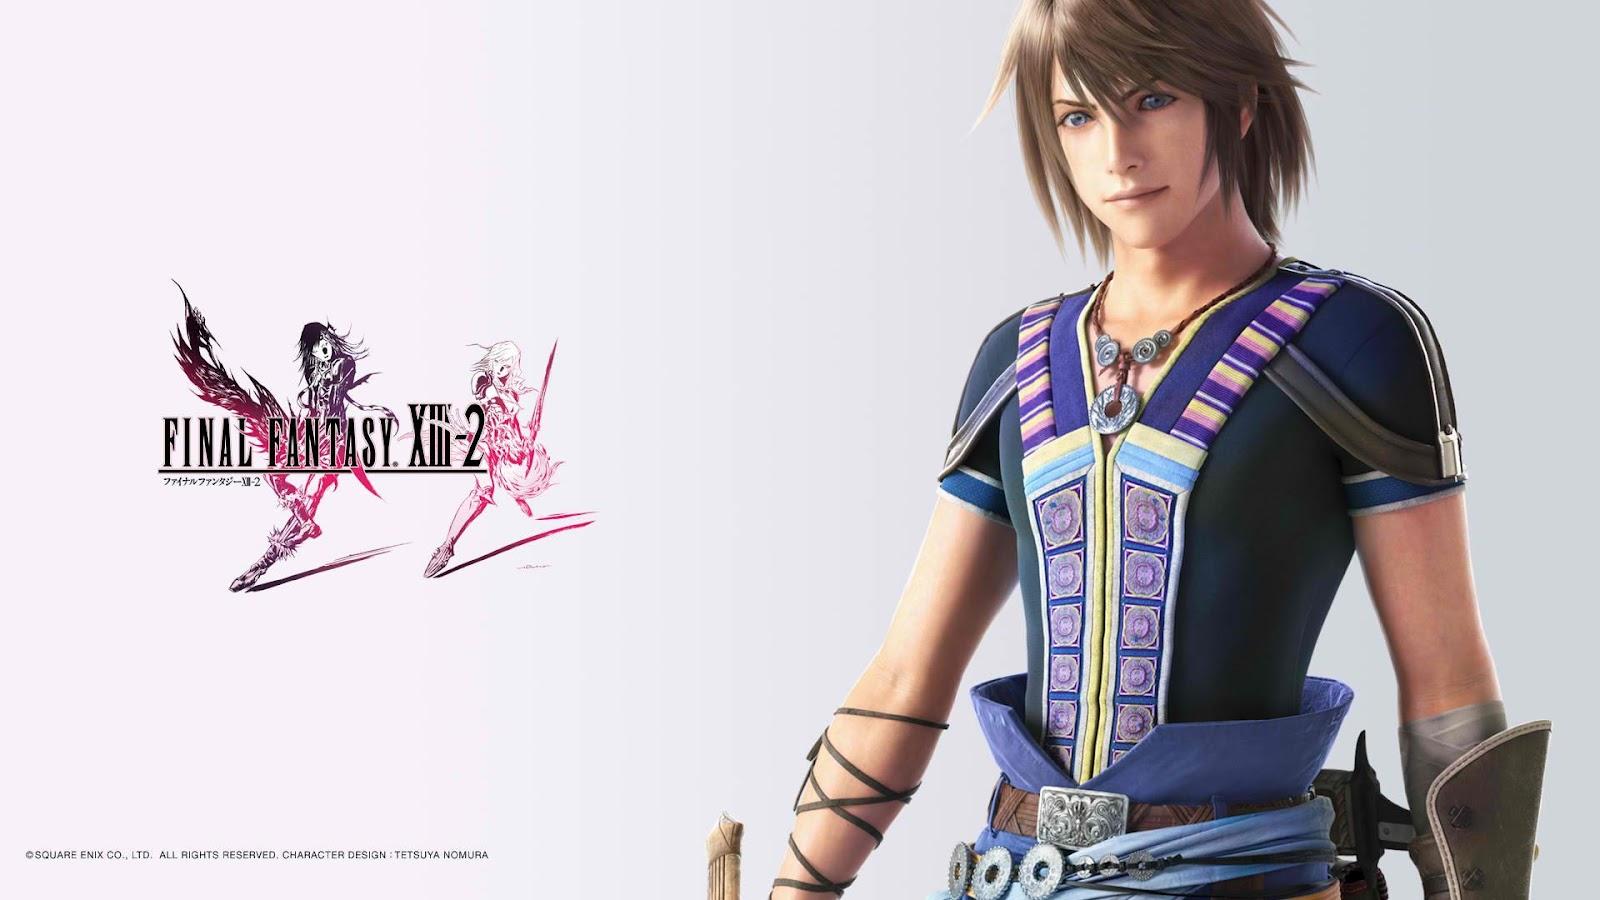 http://4.bp.blogspot.com/-P5DWdmACPQ4/UBTvPI3ysYI/AAAAAAAAETs/JNA07saag9Y/s1600/Final-Fantasy-XIII-2_9.jpg